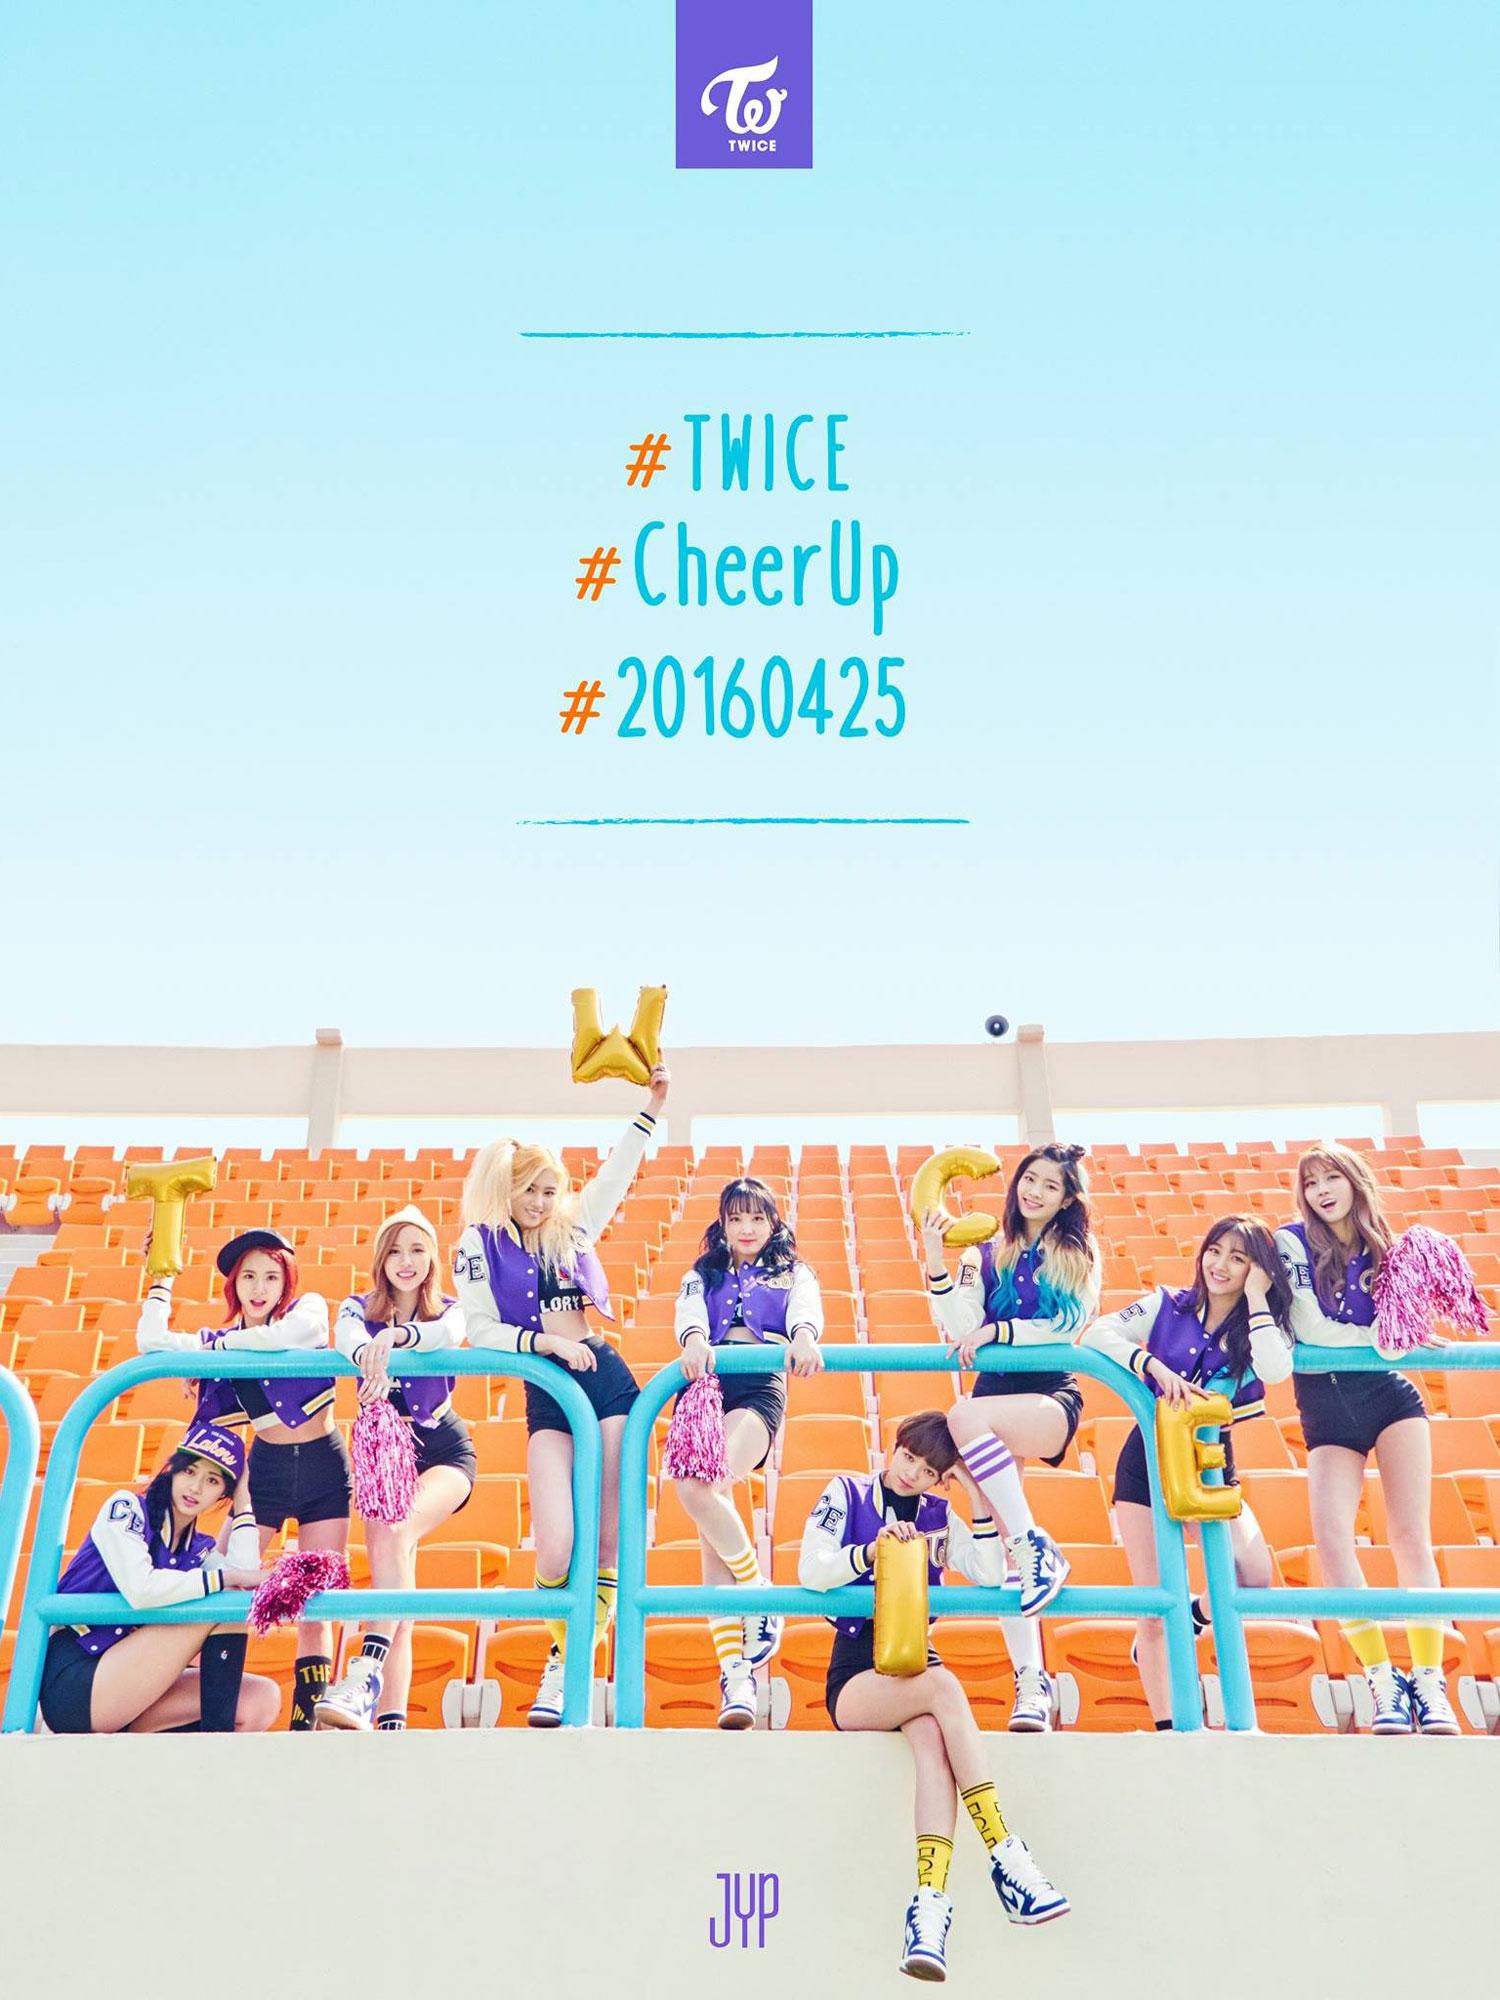 TWICE Cheer Up Korean album concept photo